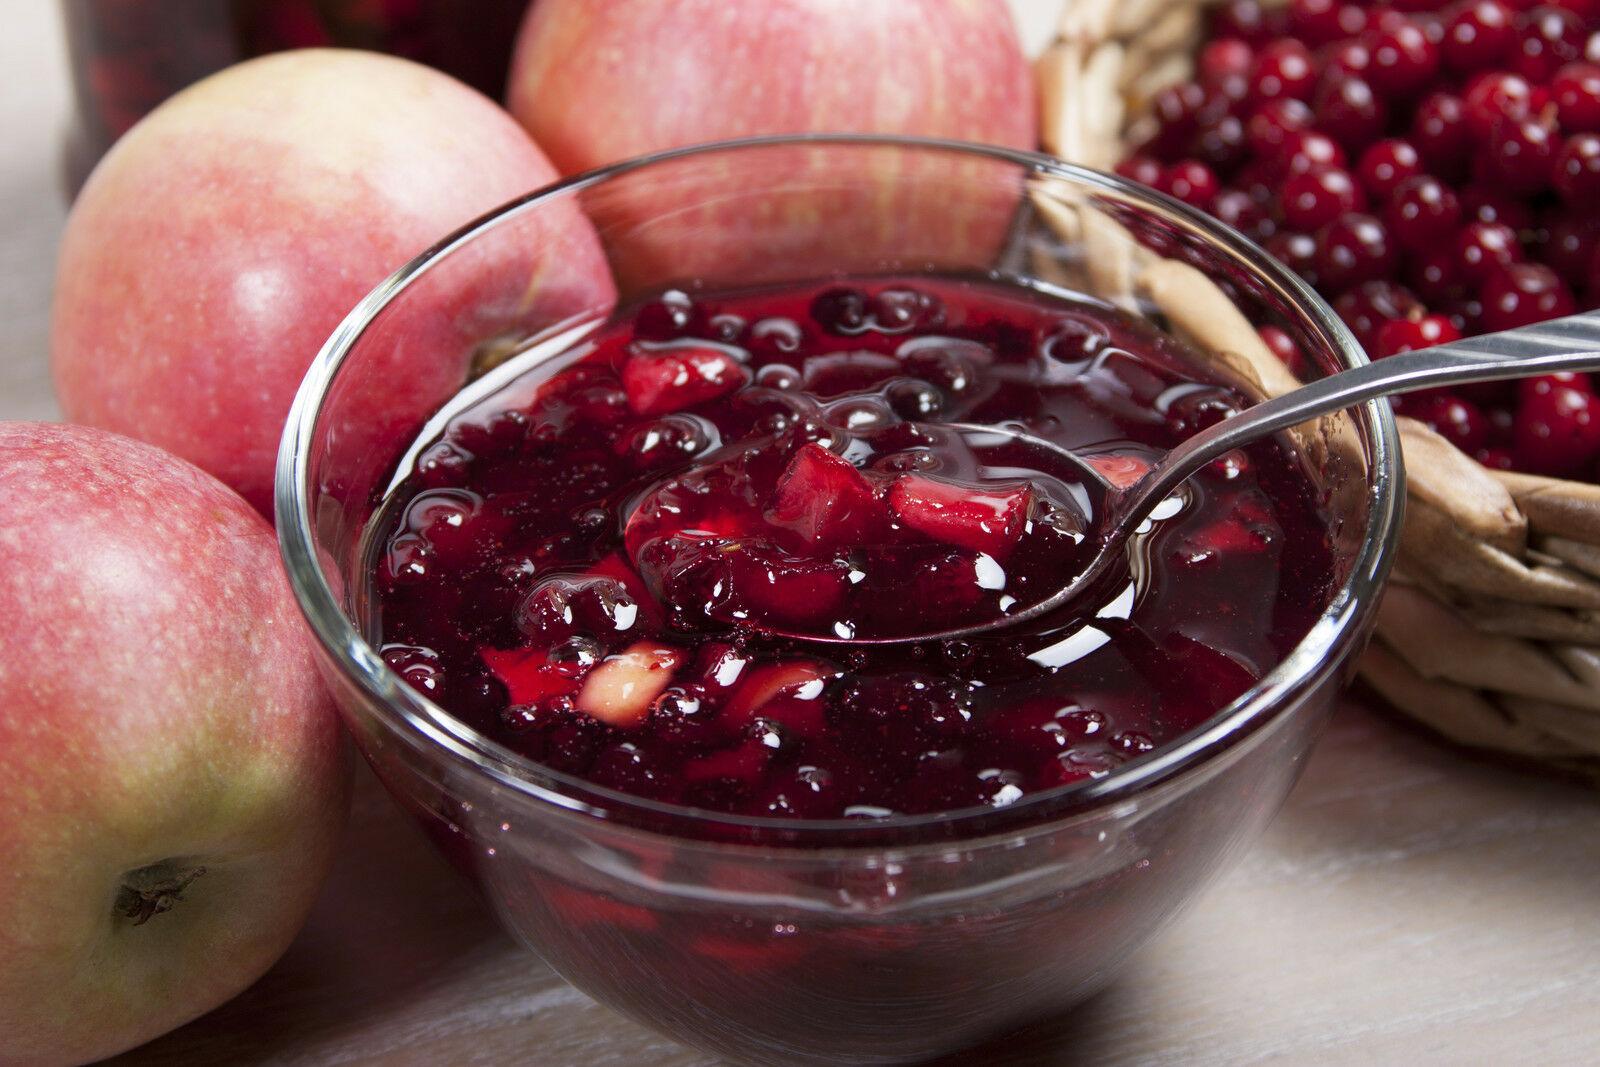 Кулинария мастер-класс рецепт кулинарный компот из бруснички - самый простой способ заготовки овощи фрукты ягоды